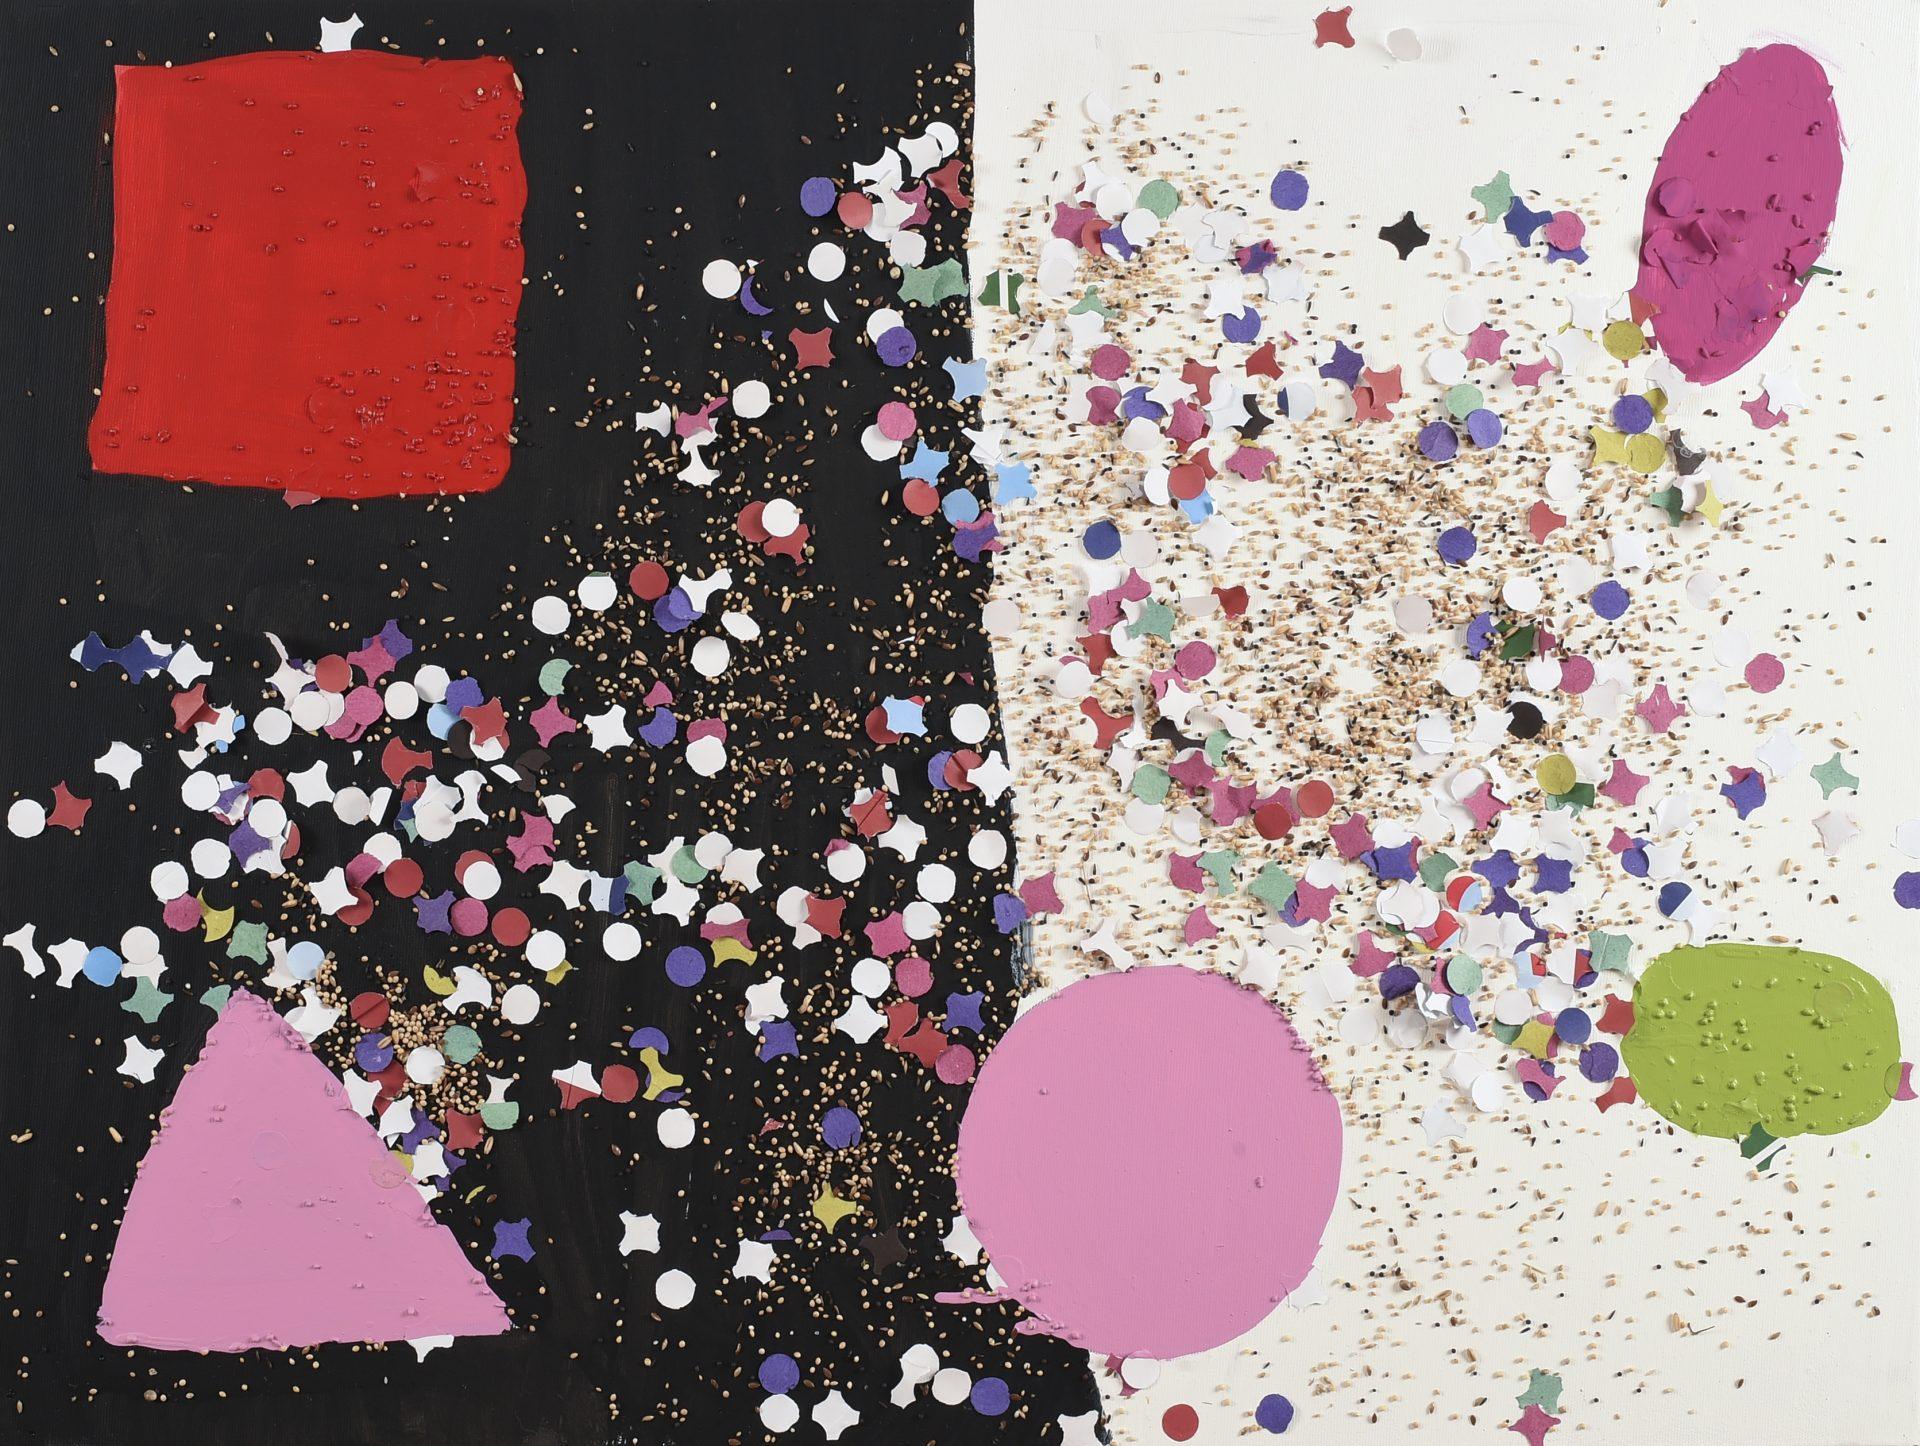 Giocando con i colori<br>CS05<br>misure: 80 x 100 cm<br>tecnica mista su tela<br>anno: 2015<br><br>DISPONIBILE